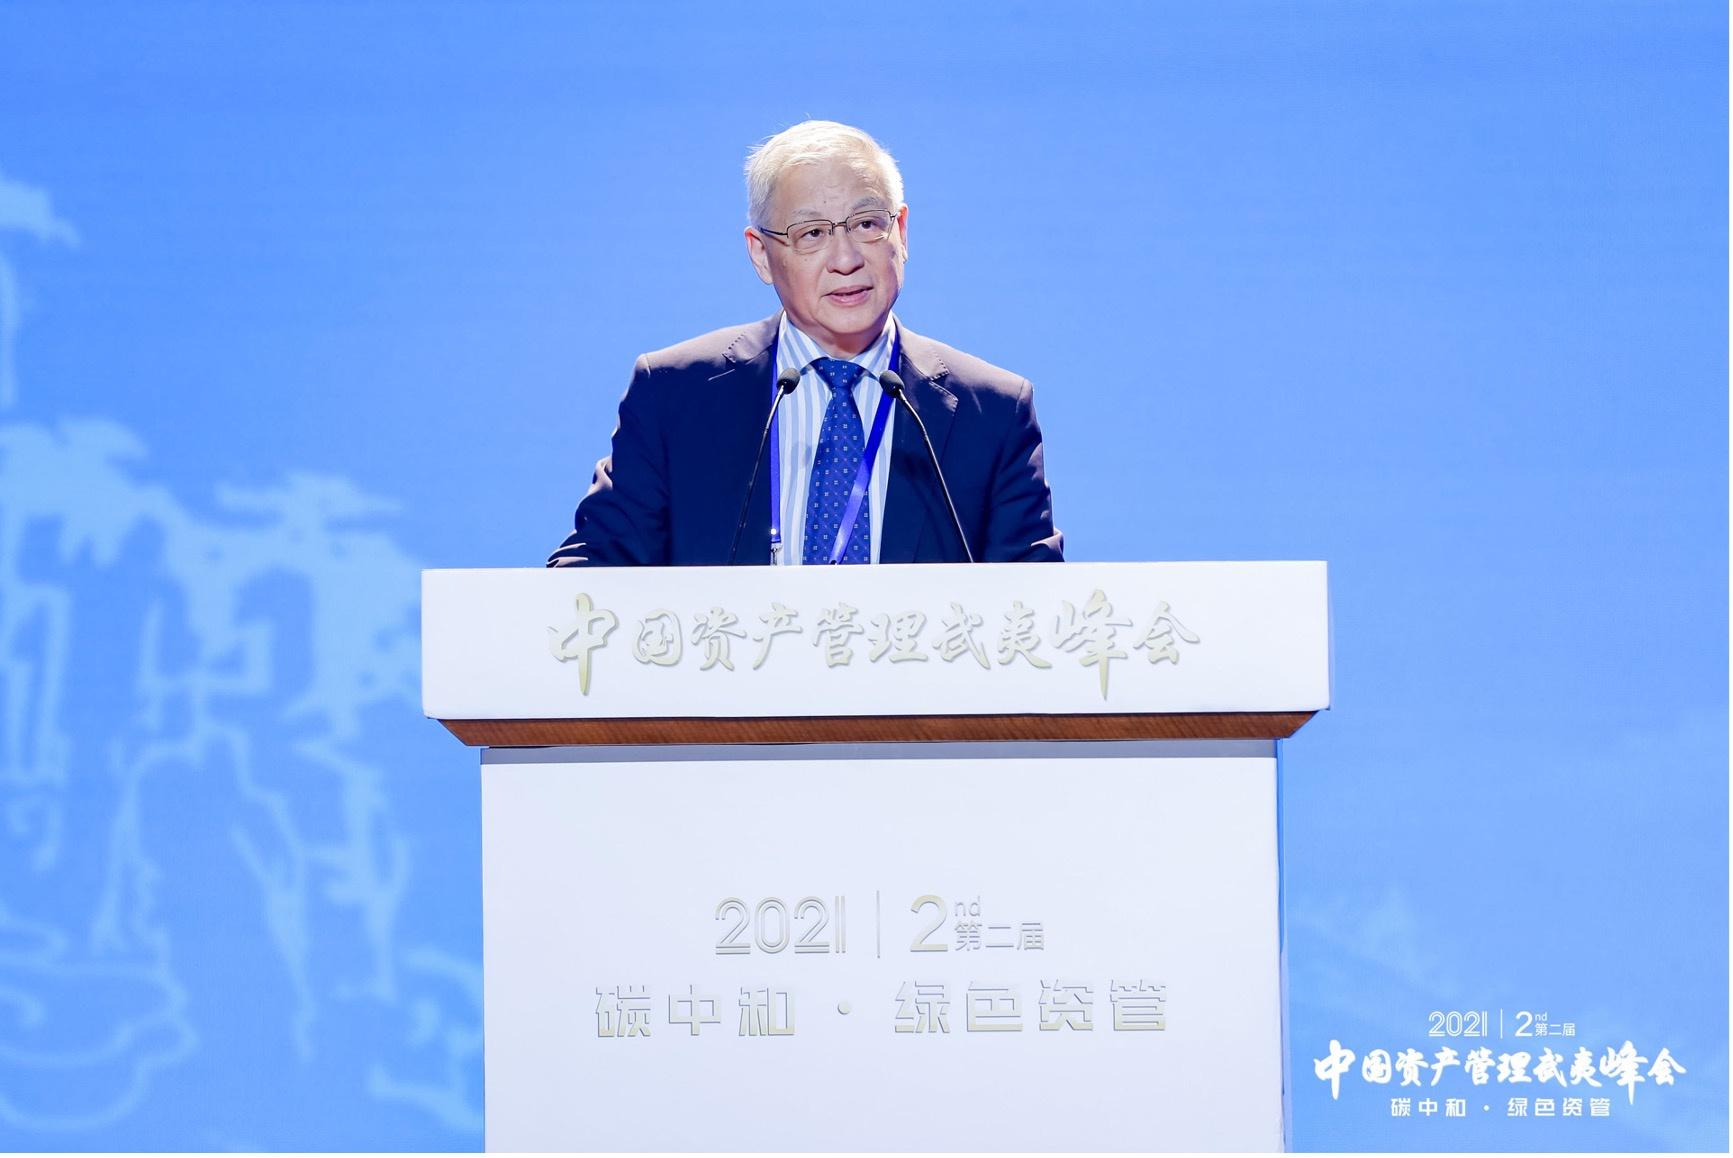 原中国银监会主席刘明康:低碳经济拐点已经到来,三大产业结构将进一步调整